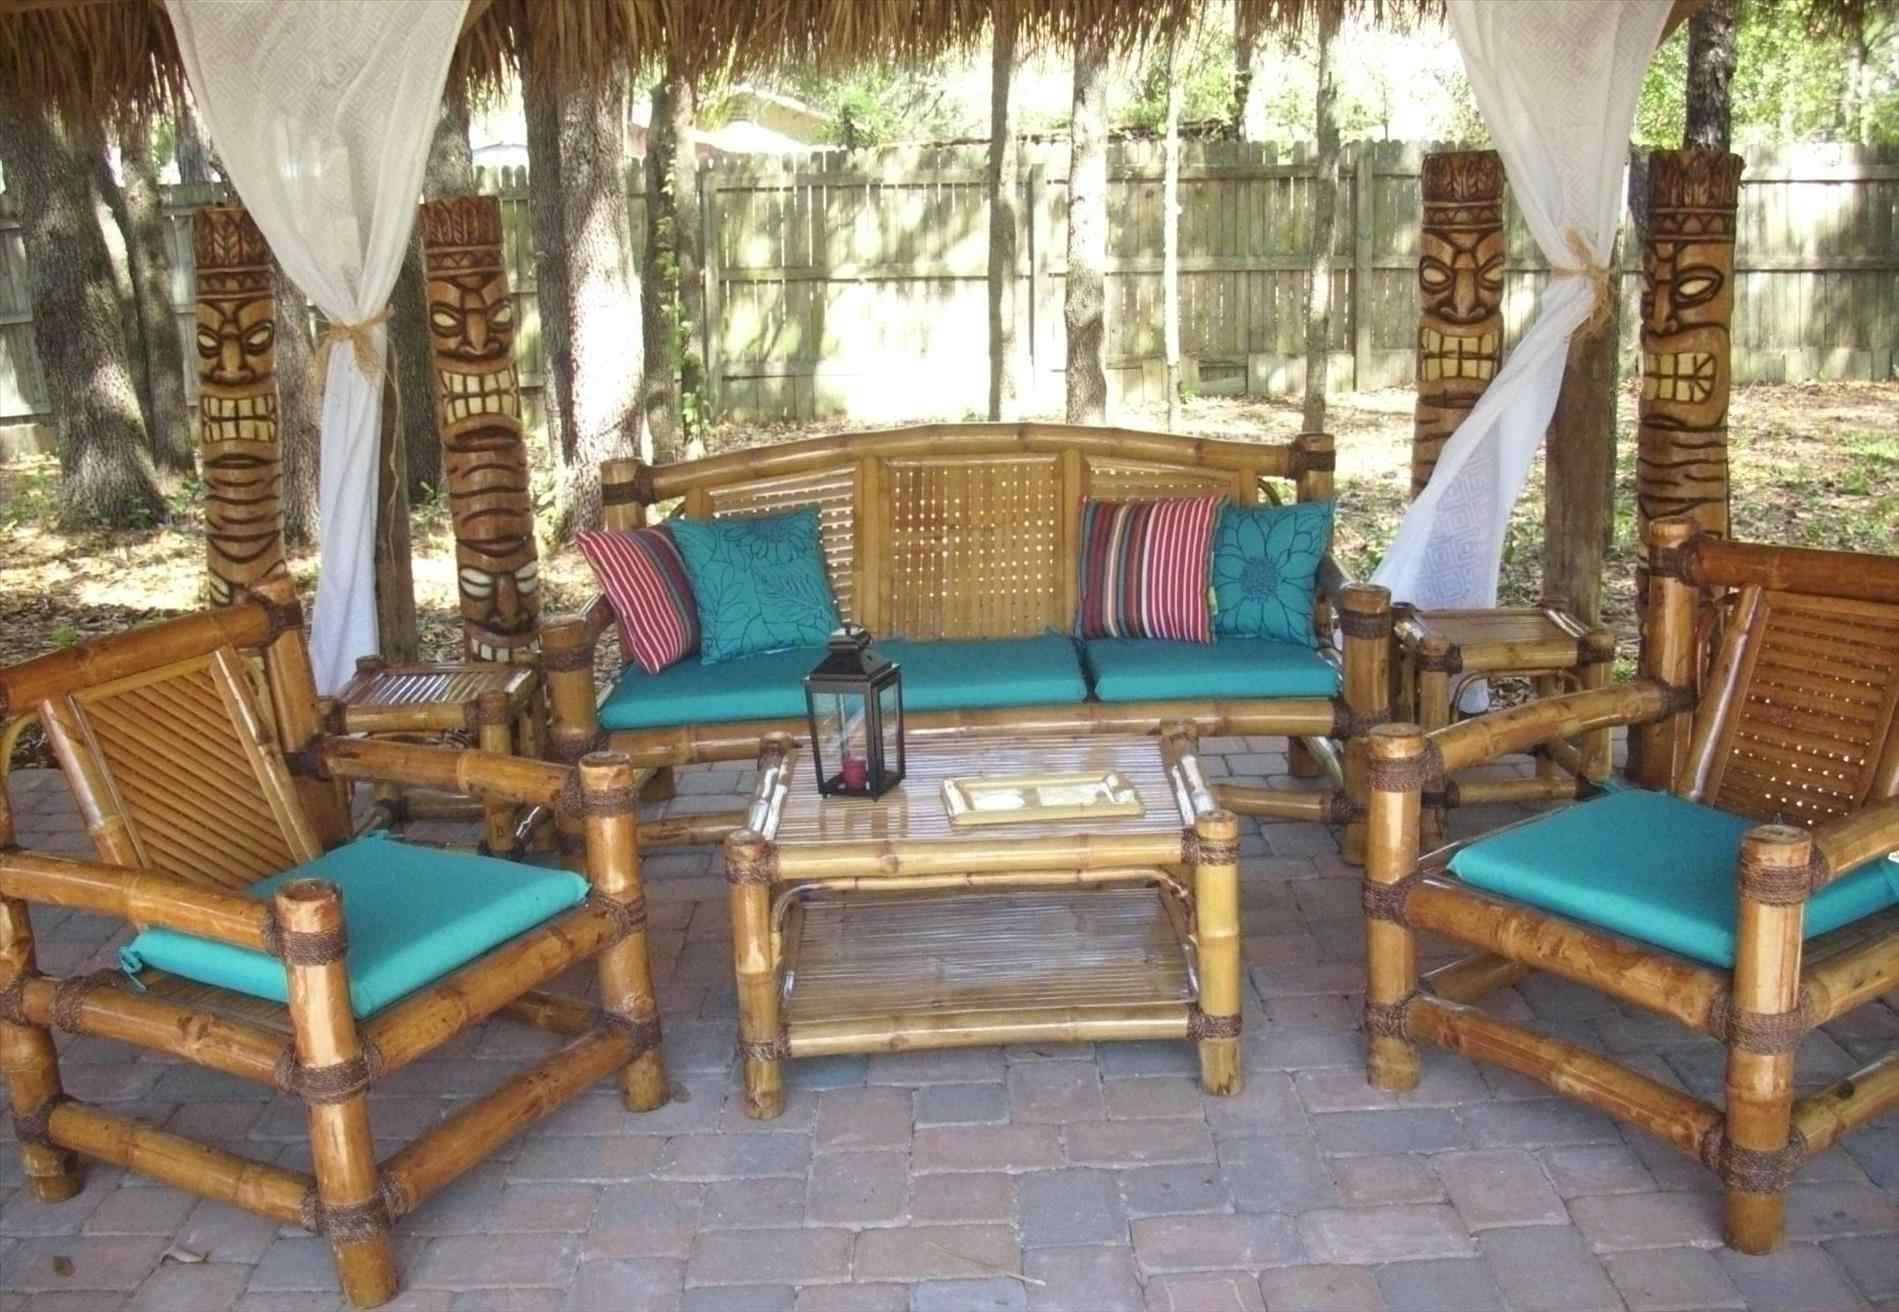 10 Best Modern Bamboo Furniture Design Ideas Breakpr Bamboo Furniture Design Living Room Sets Furniture Bamboo Furniture